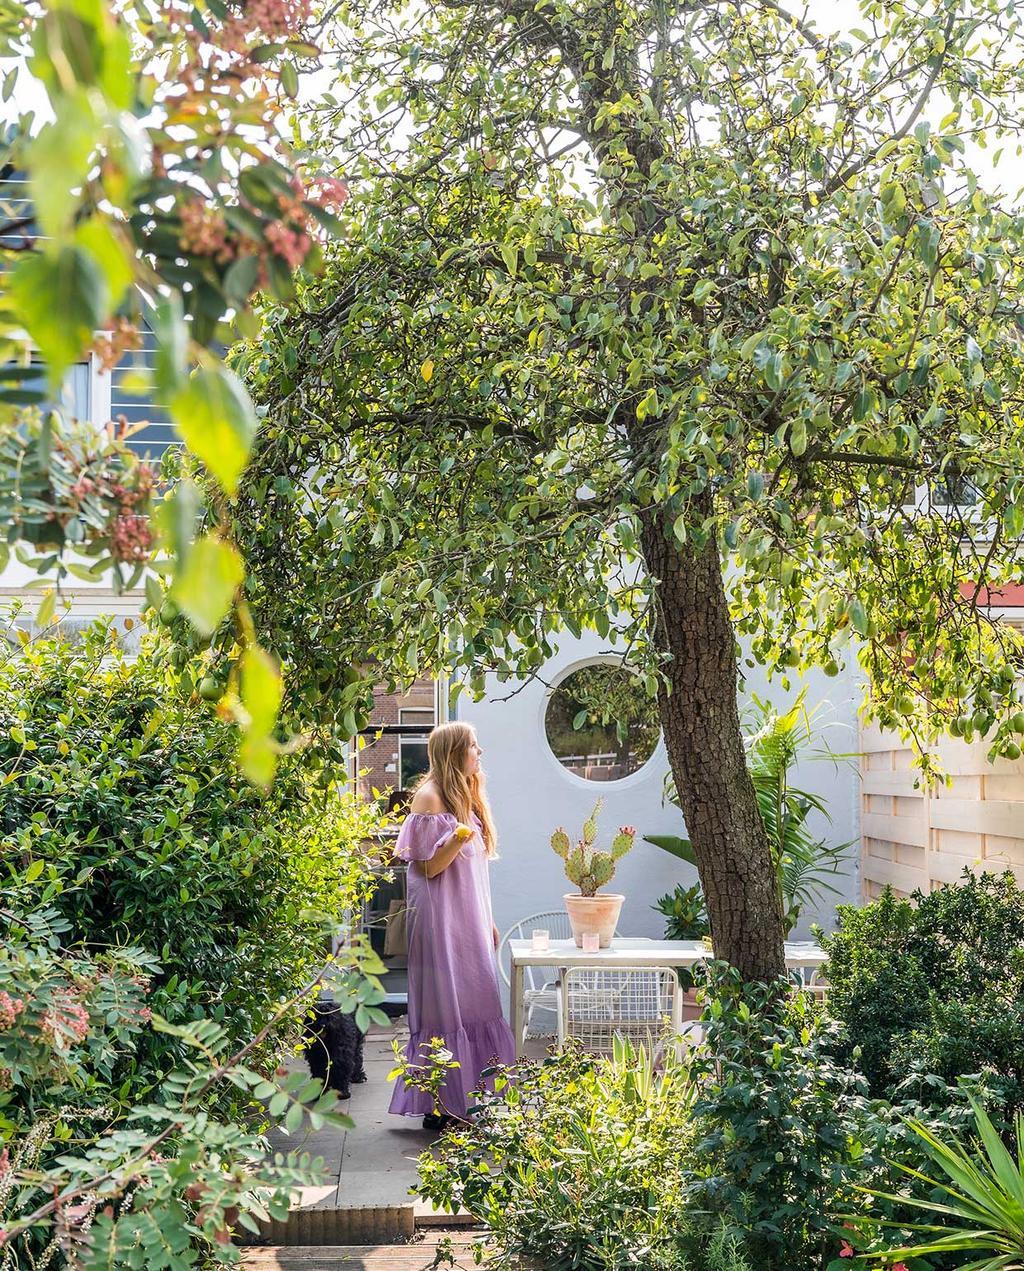 vtwonen special tiny houses 03-2021 | groene tuin van wevershuis met veel planten en bomen